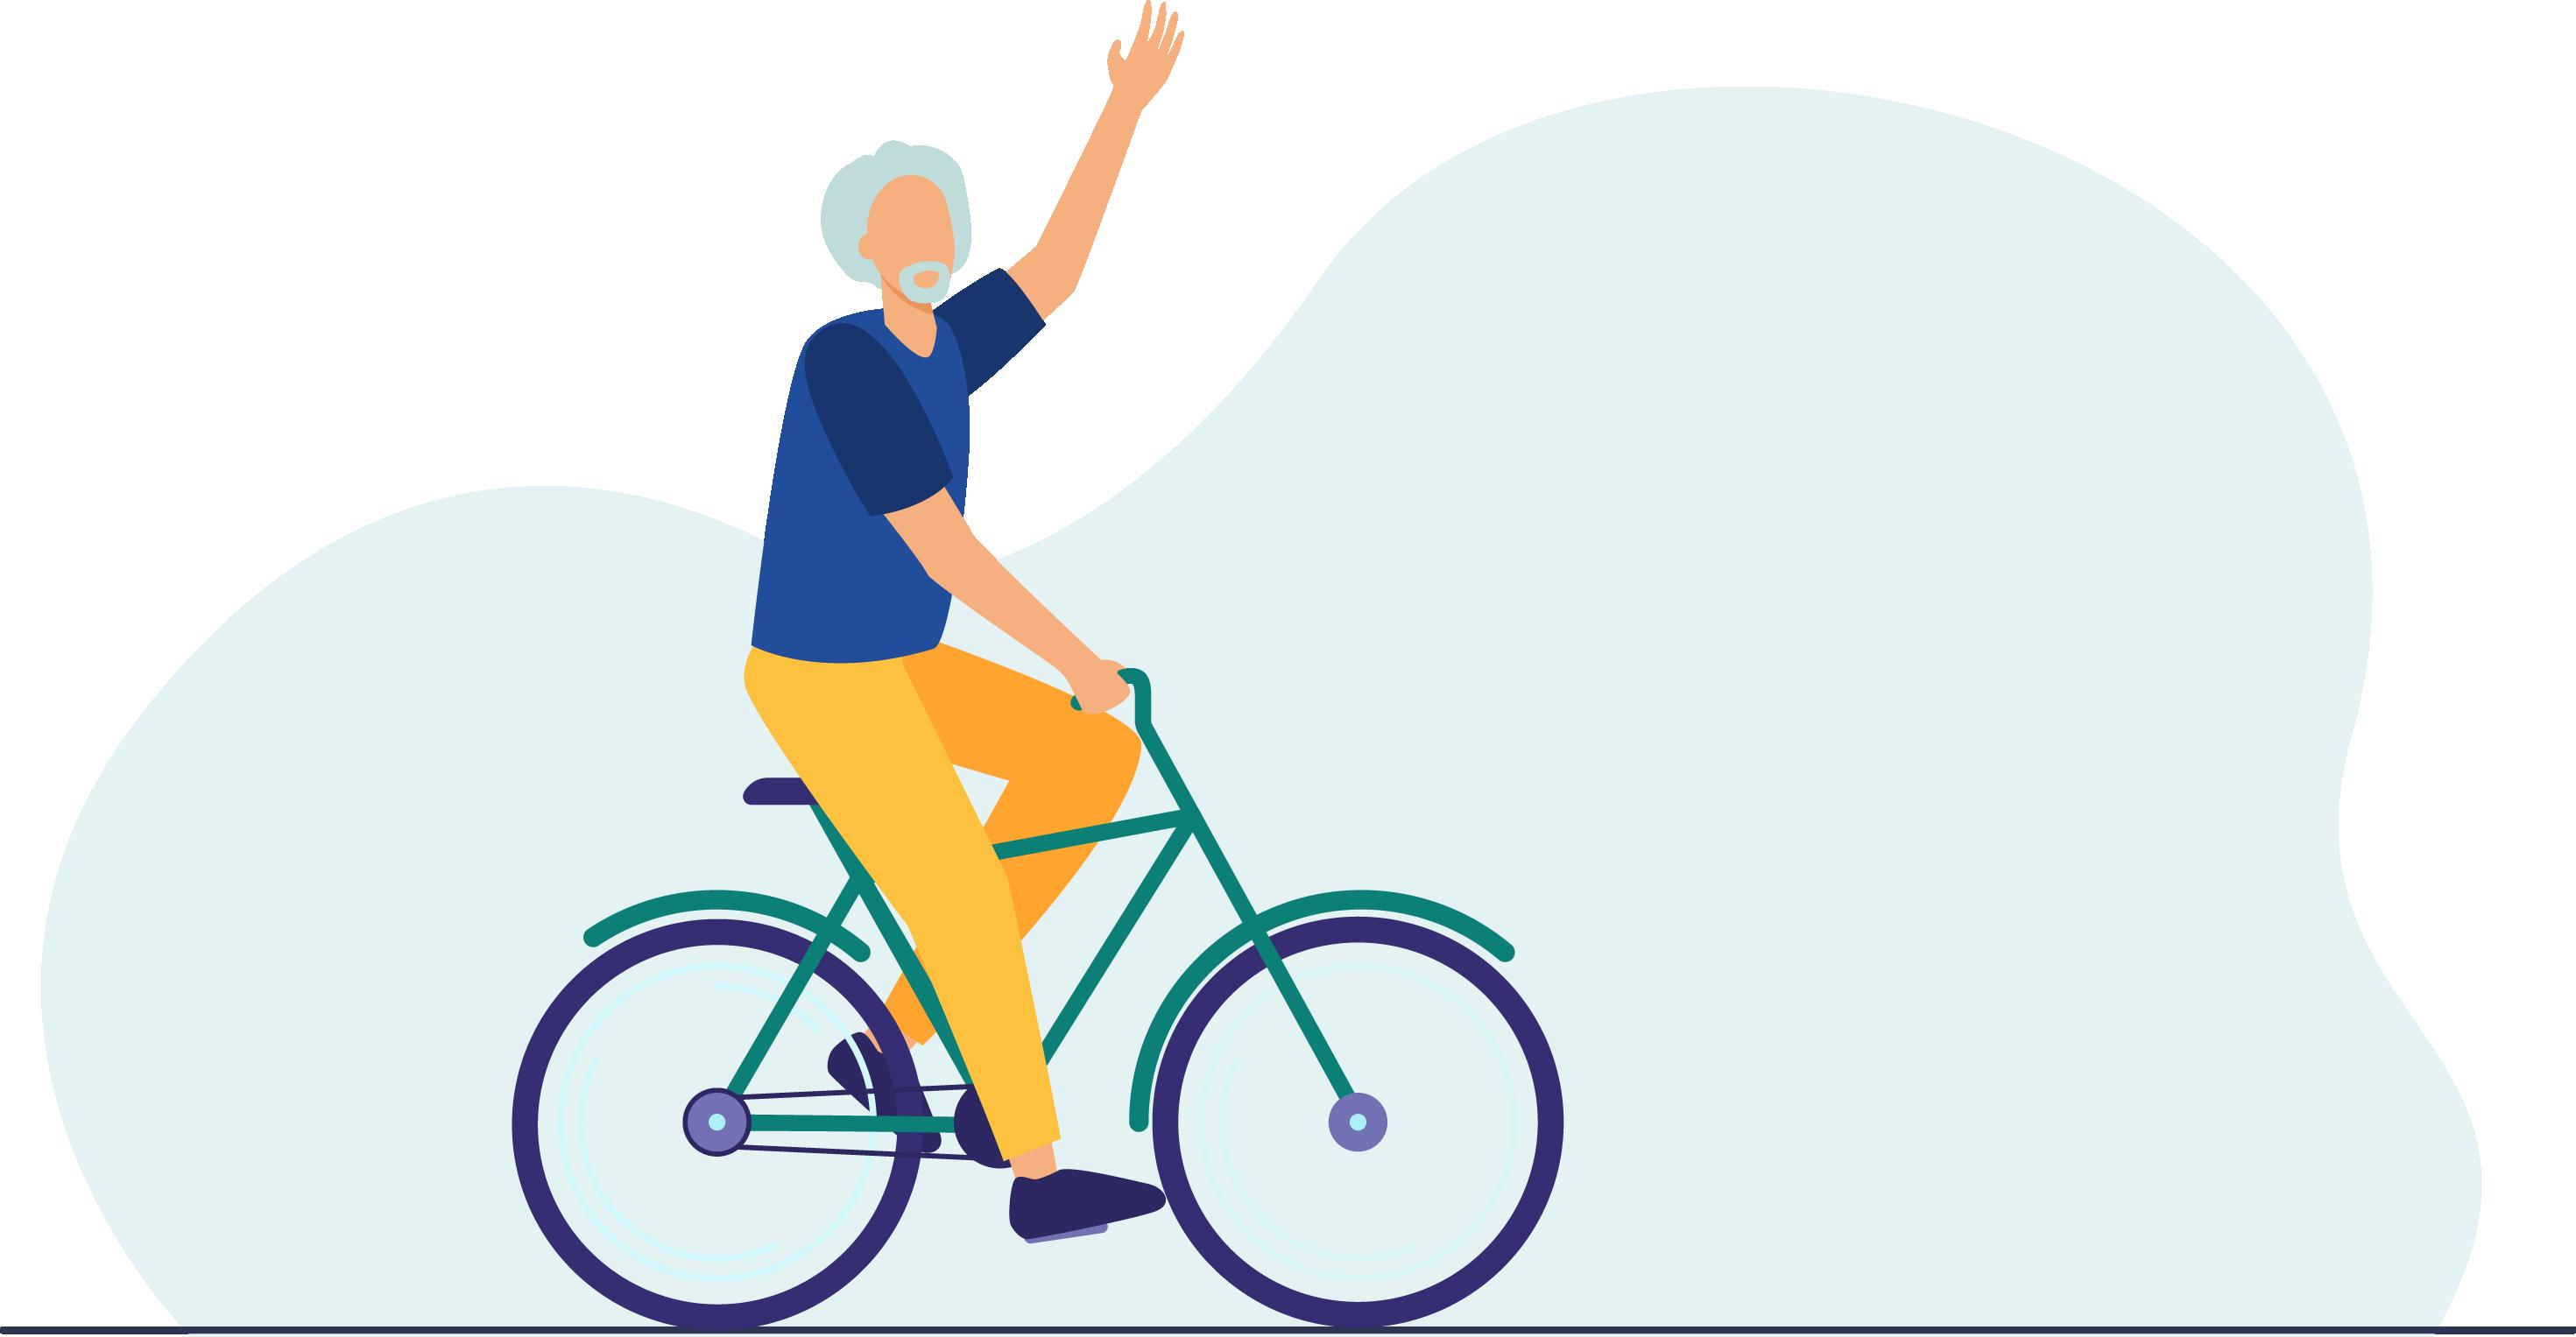 VezLab ciclofficina